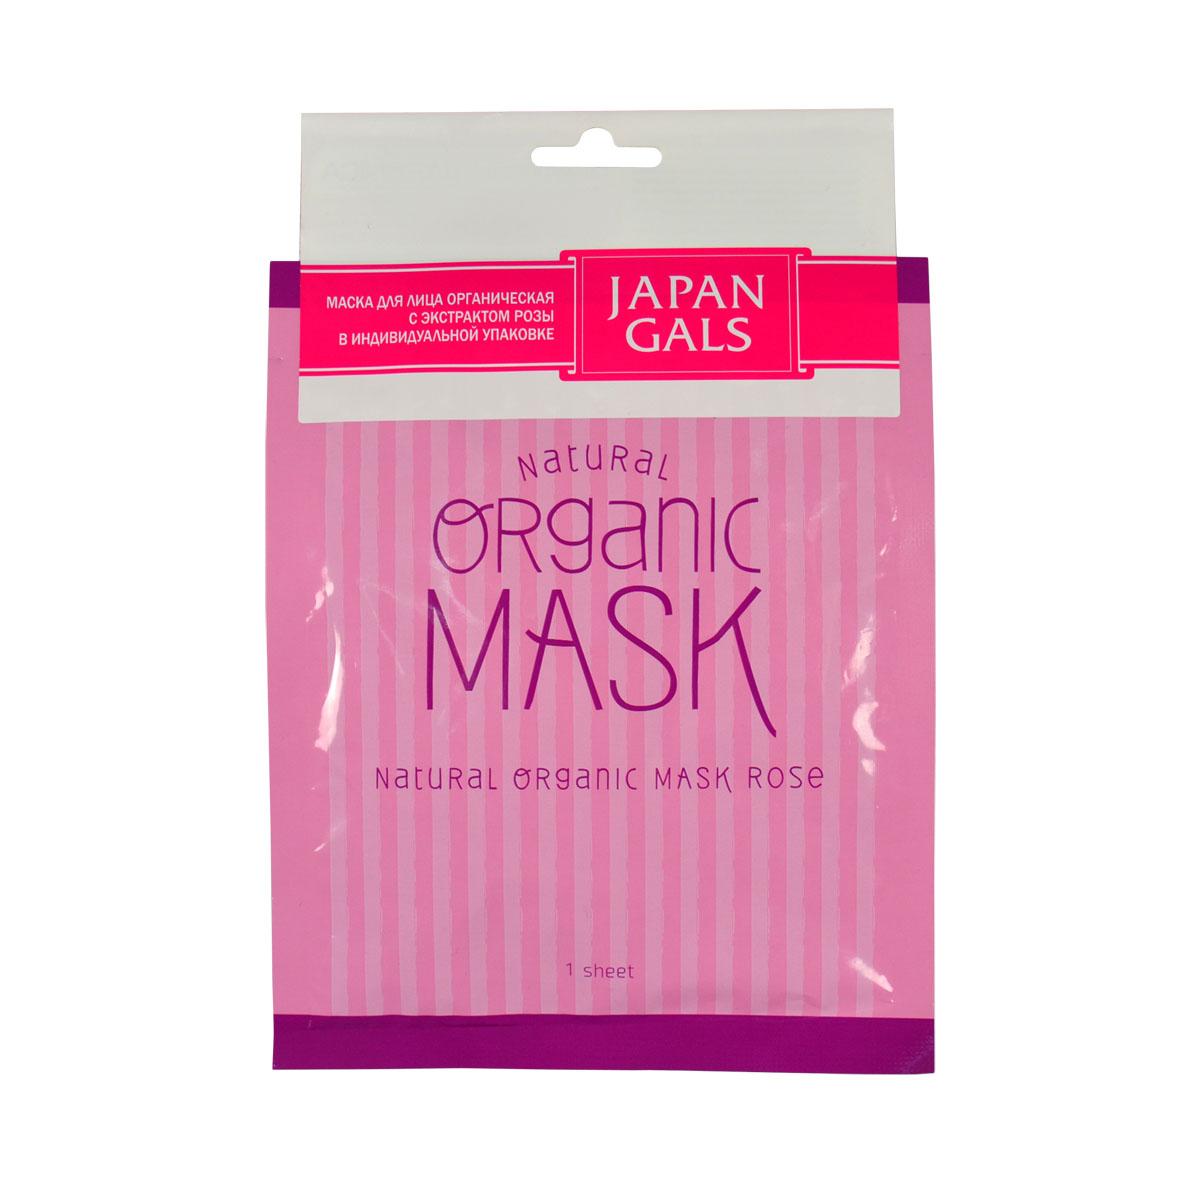 Japan Gals Маска для лица органическая с экстрактом розы 1 штFS-00897Органическая маска JAPAN GALS с экстрактом розы создана для глубокого увлажнения кожи. Все компоненты подбирались особенно тщательно, а органический хлопок из которого создана маска естественно и мягко заботится о лице. Маска подходят для всех типов кожи и в любом возрасте.Чтобы ваша кожа сияла здоровьем, Вам потребуется всего 10-15 минут в день для ухода за ней. Маска очень проста в применении, а после ее использования лицо не требует дополнительного умывания.Тканевая основа маски пропитана сывороткой, и благодаря плотному прилеганию маски к лицу состав проникает глубоко в кожу, успокаивая и увлажняя ее изнутри. Так же у маски имеются специальные кармашки для проработки зоны в области глаз.В состав маски входят природная розовая вода, экстракт розы, экстракт шиповника, с добавлением в сыворотку масла розы. Розовая вода содержит в себе концентрированное розовое масло и дистиллированную воду. Розовая вода сохраняет в себе свойства розы и хорошо известна своими полезными свойствами. Она помогает очищать нормальную кожу, при жирной коже действует в качестве тоника, контролируя выделение жира, на чувствительную кожу оказывает охлаждающий эффект и делает ее более гладкой. Экстракт розы препятствует потере кожей влаги, глубоко увлажняет, питает, повышает упругость и эластичность кожуЭкстракт шиповника успокаивает раздраженную кожу, осветляет пигментные пятна и улучшает цвет лица, стимулирует синтез коллагена и обновления клеток кожи Масло розы прекрасно увлажняет и тонизирует кожу Способ применения: Расправить маску. Плотно приложить к чистому лицу. Держать в течение 10-15 минут. При использовании маски на глаза веки следует держать закрытыми. Для особо тщательной проработки зоны под глазами сложите специальную накладку два раза. После приминения маски лицо не требует дополнительного умывания. Меры предосторожности: Аллергические реакции возможны только в случае индивидуальной непереносимости отдельных к